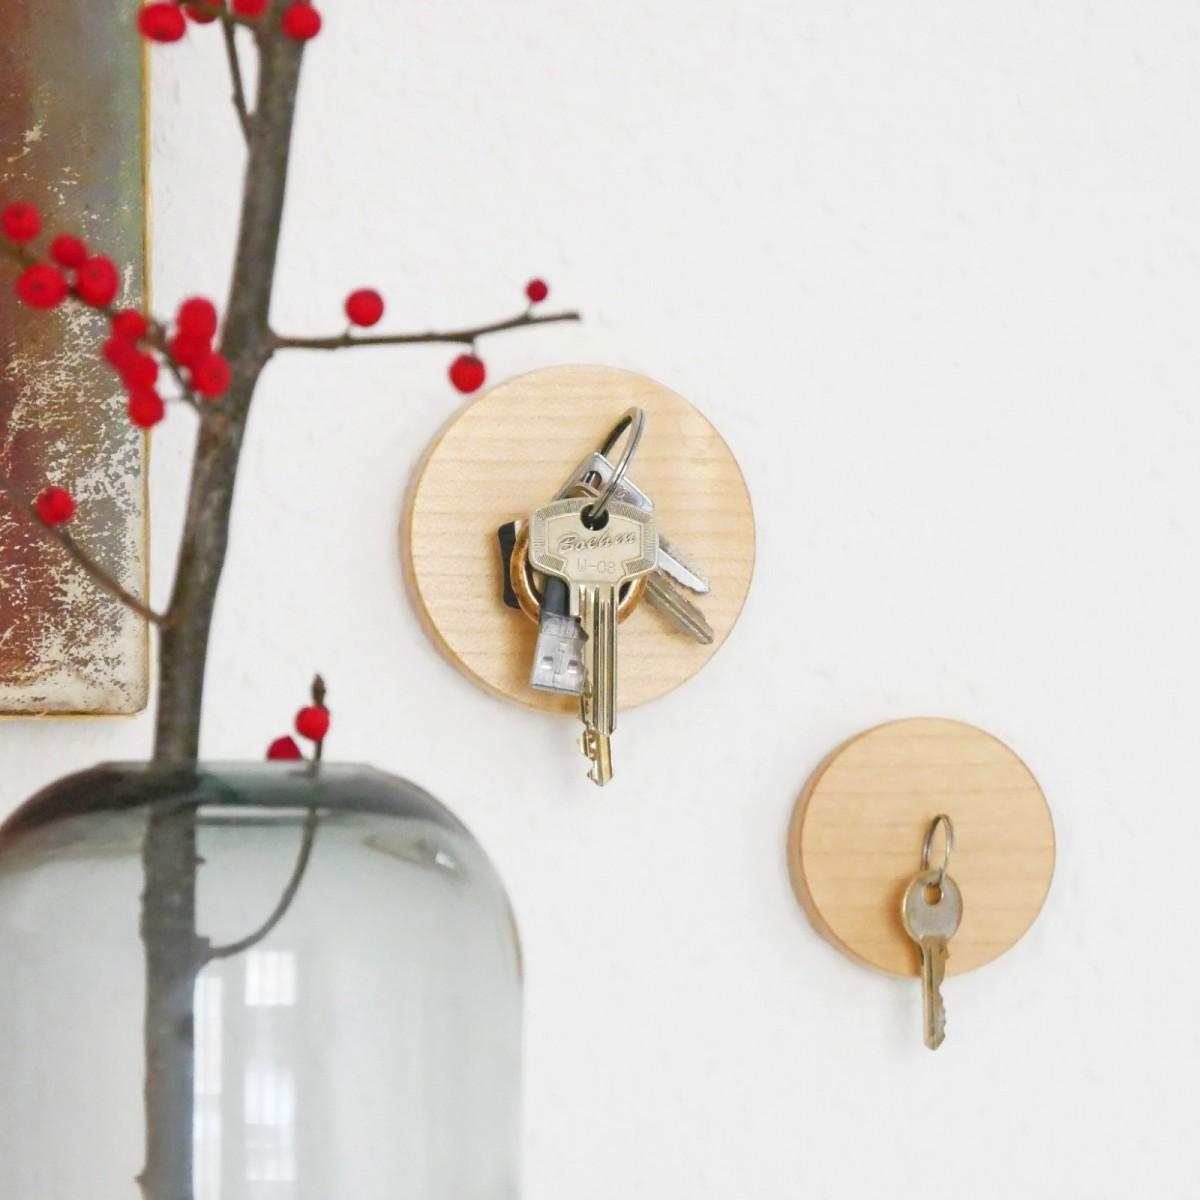 Schlüsselmagnet rund Größe 'S' - von LUMENQI